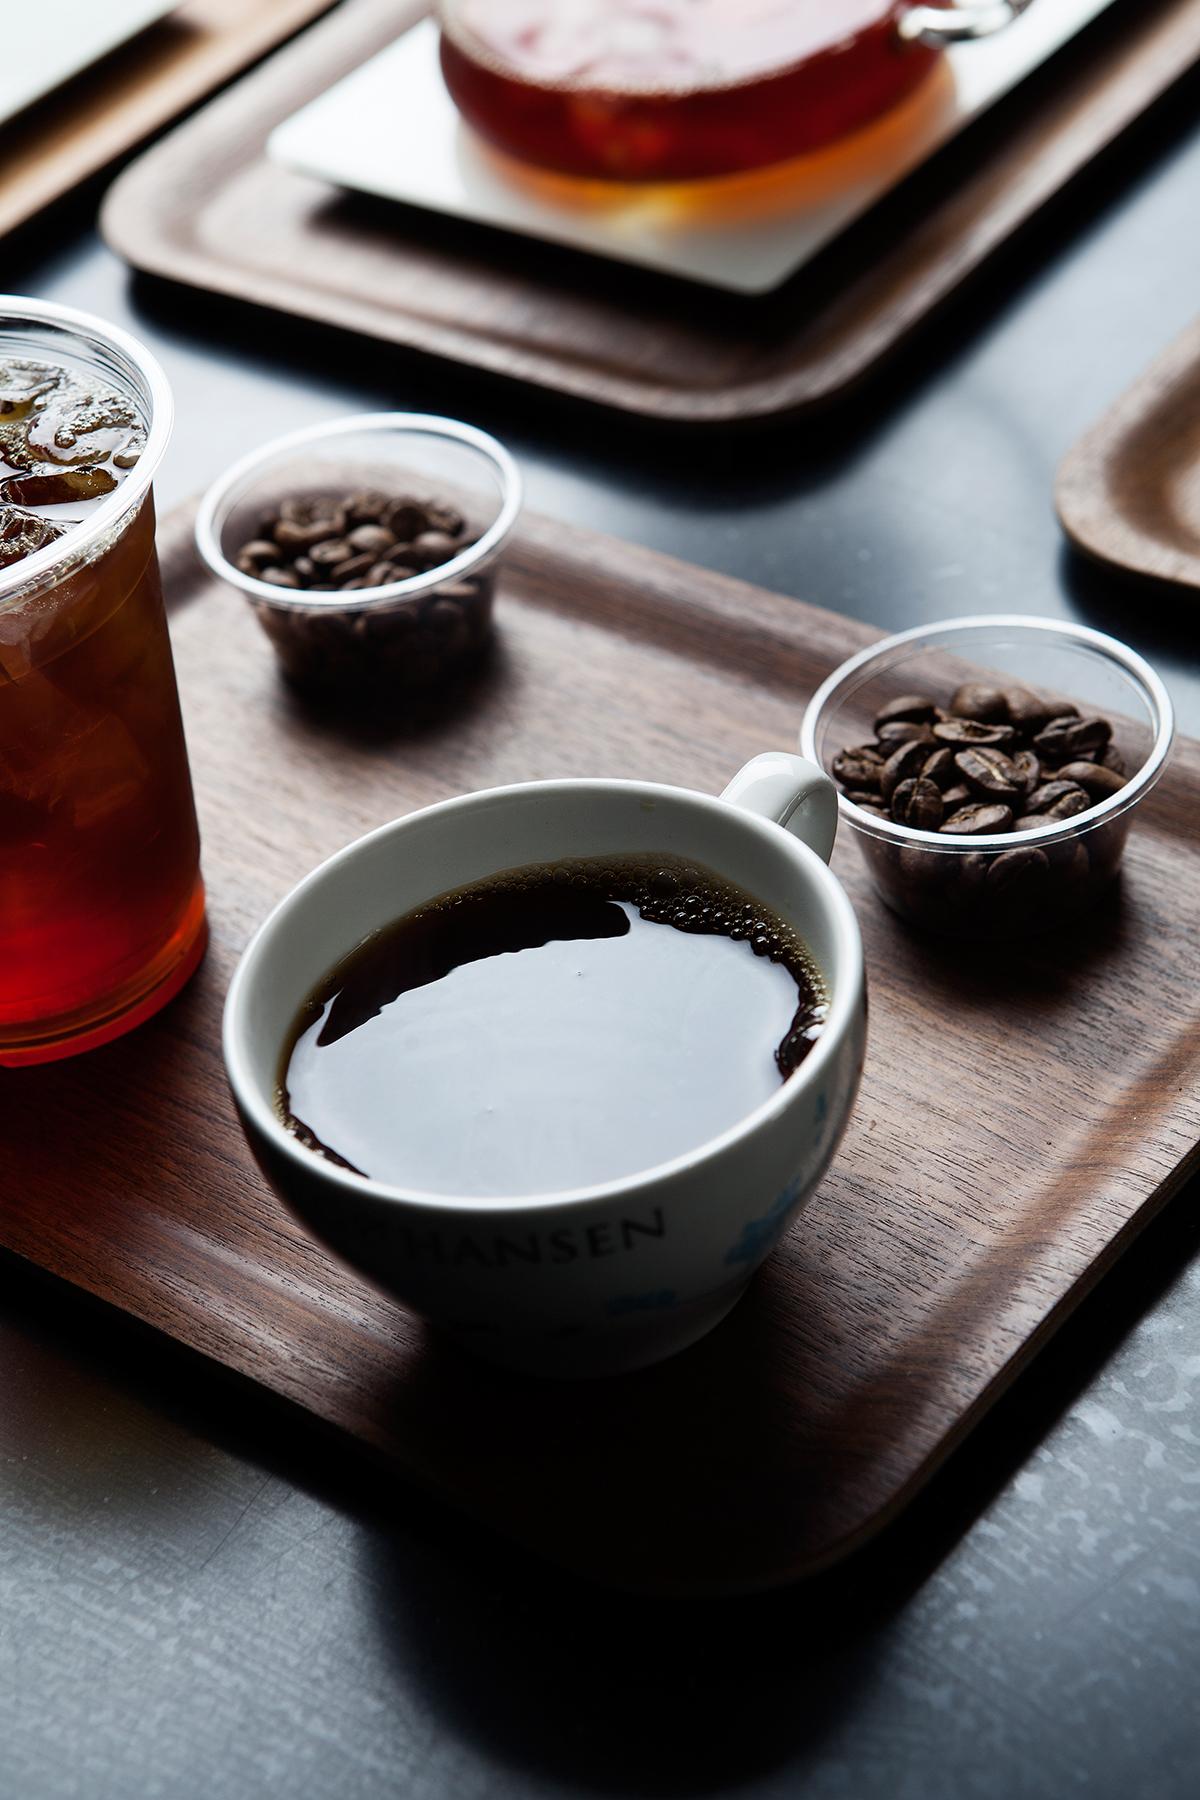 Bilde av kaffekopp